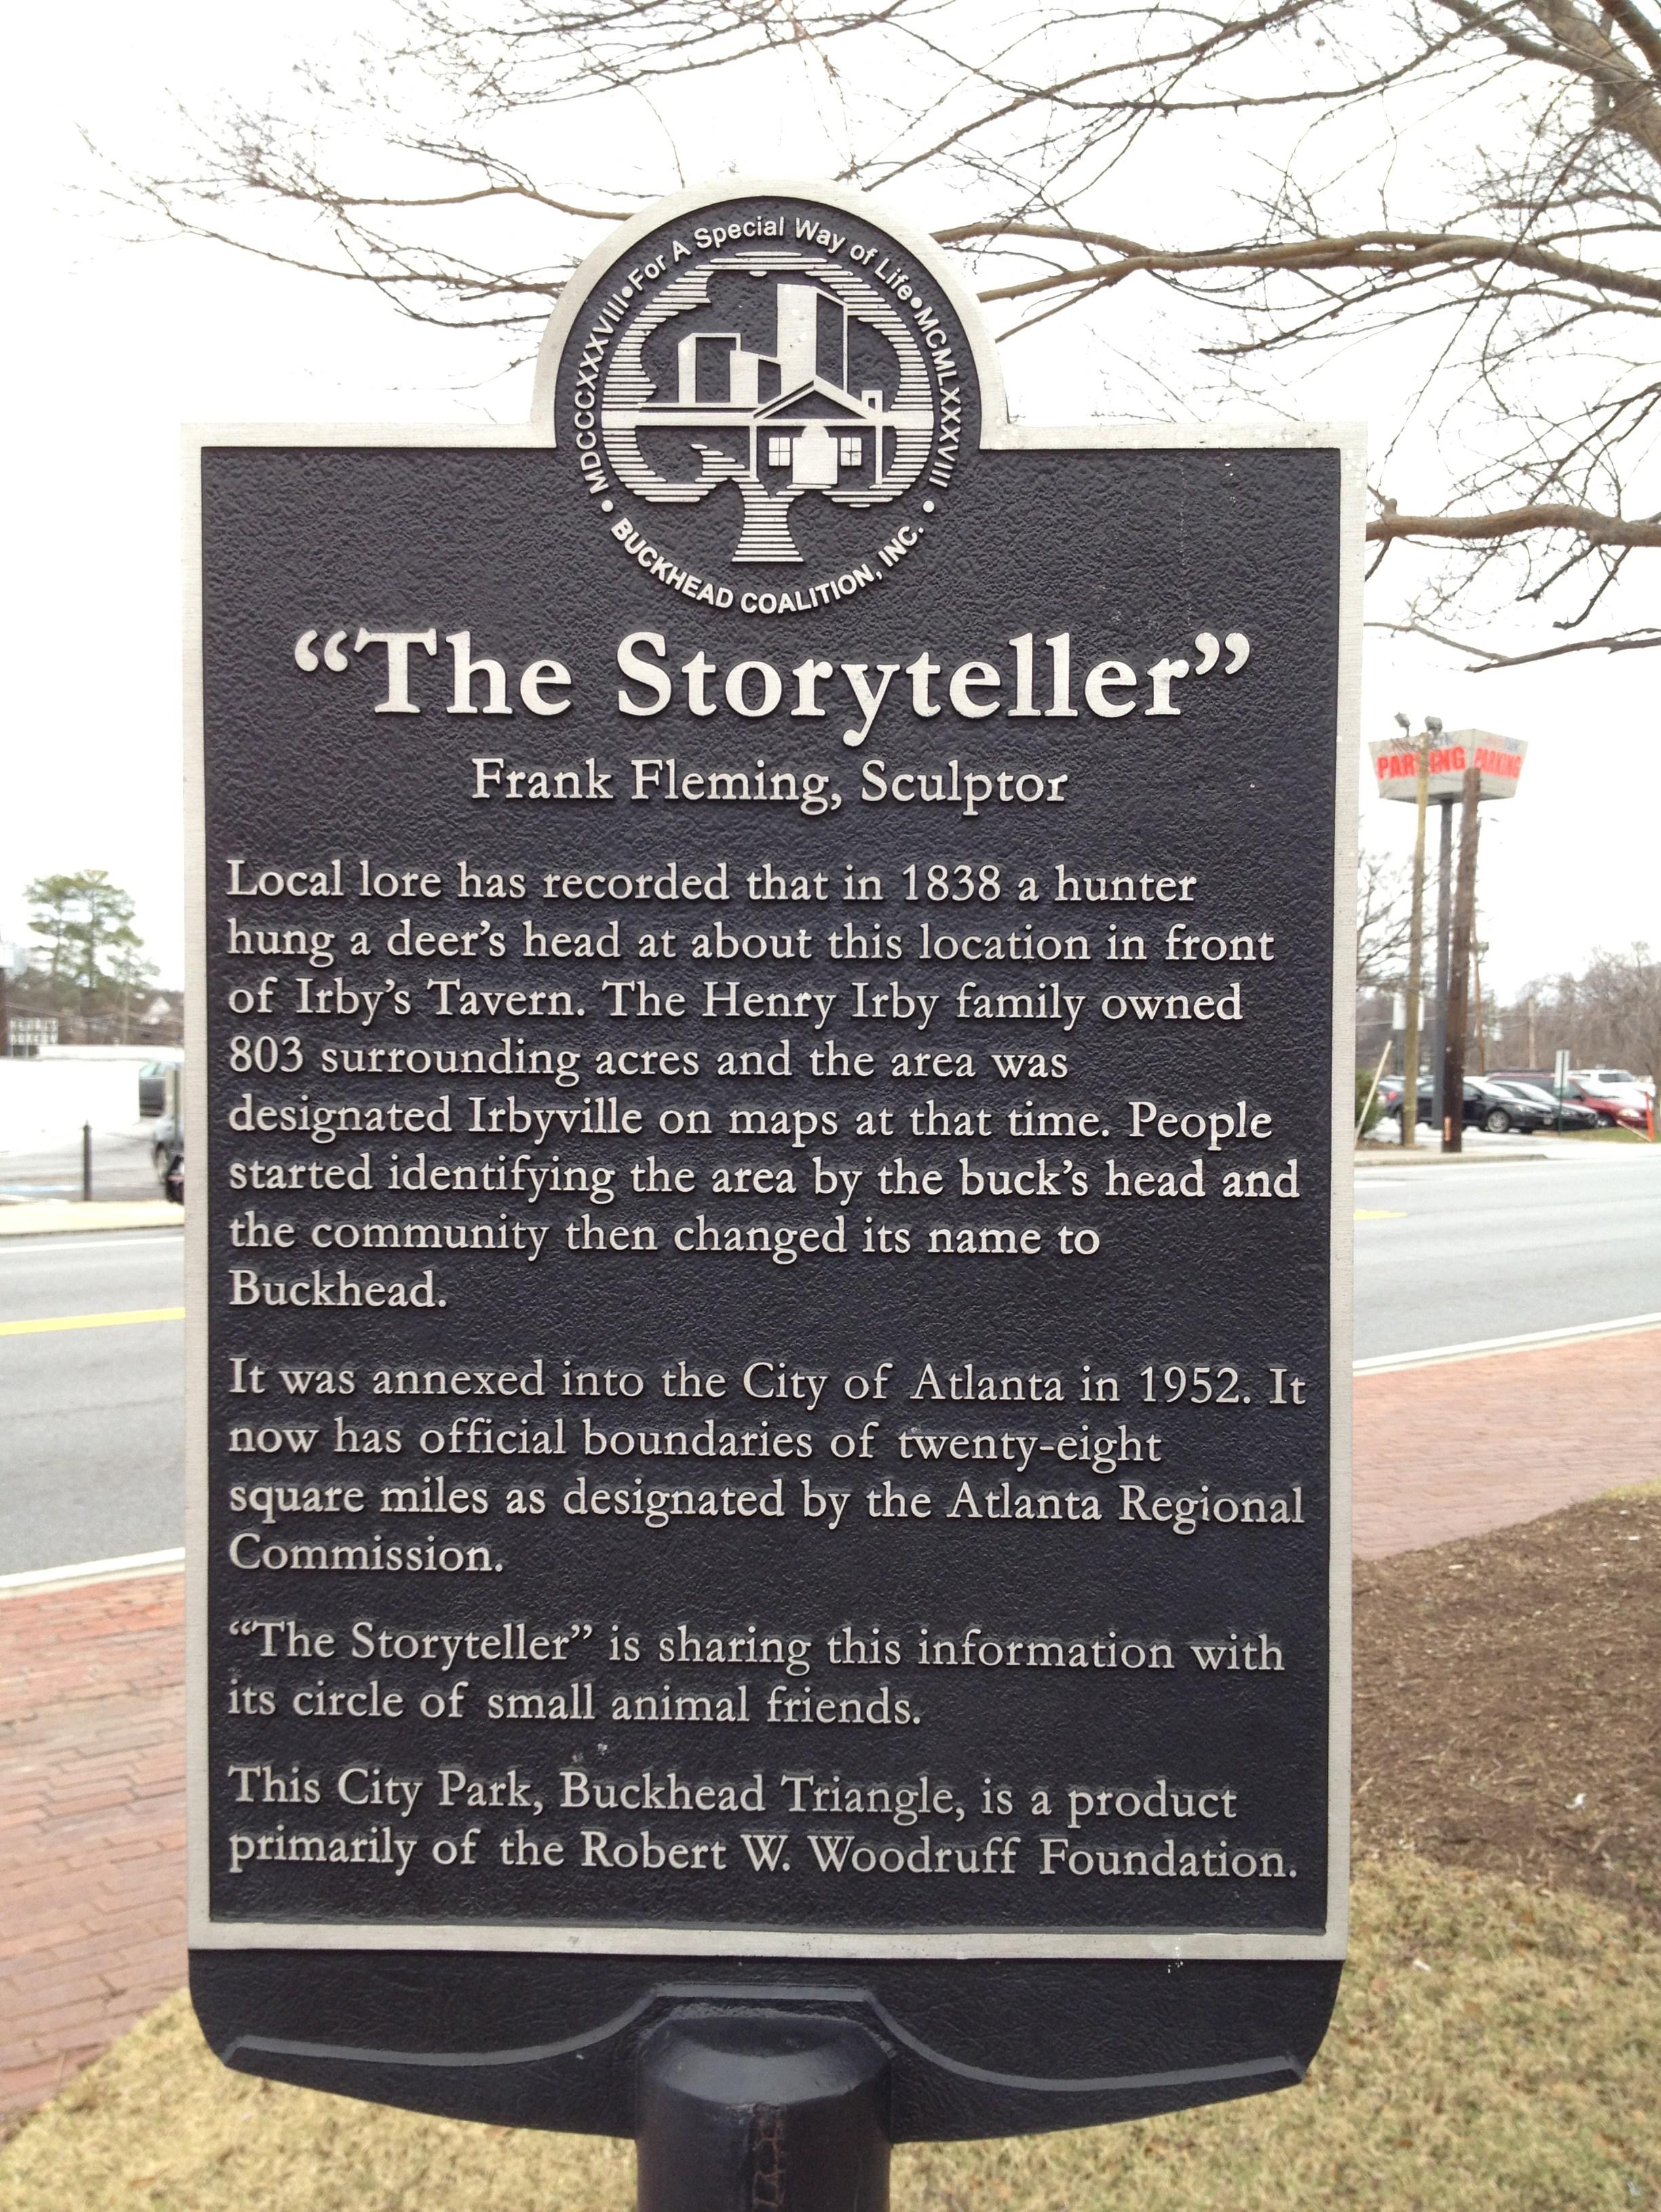 Storyteller_plaque_Atlanta